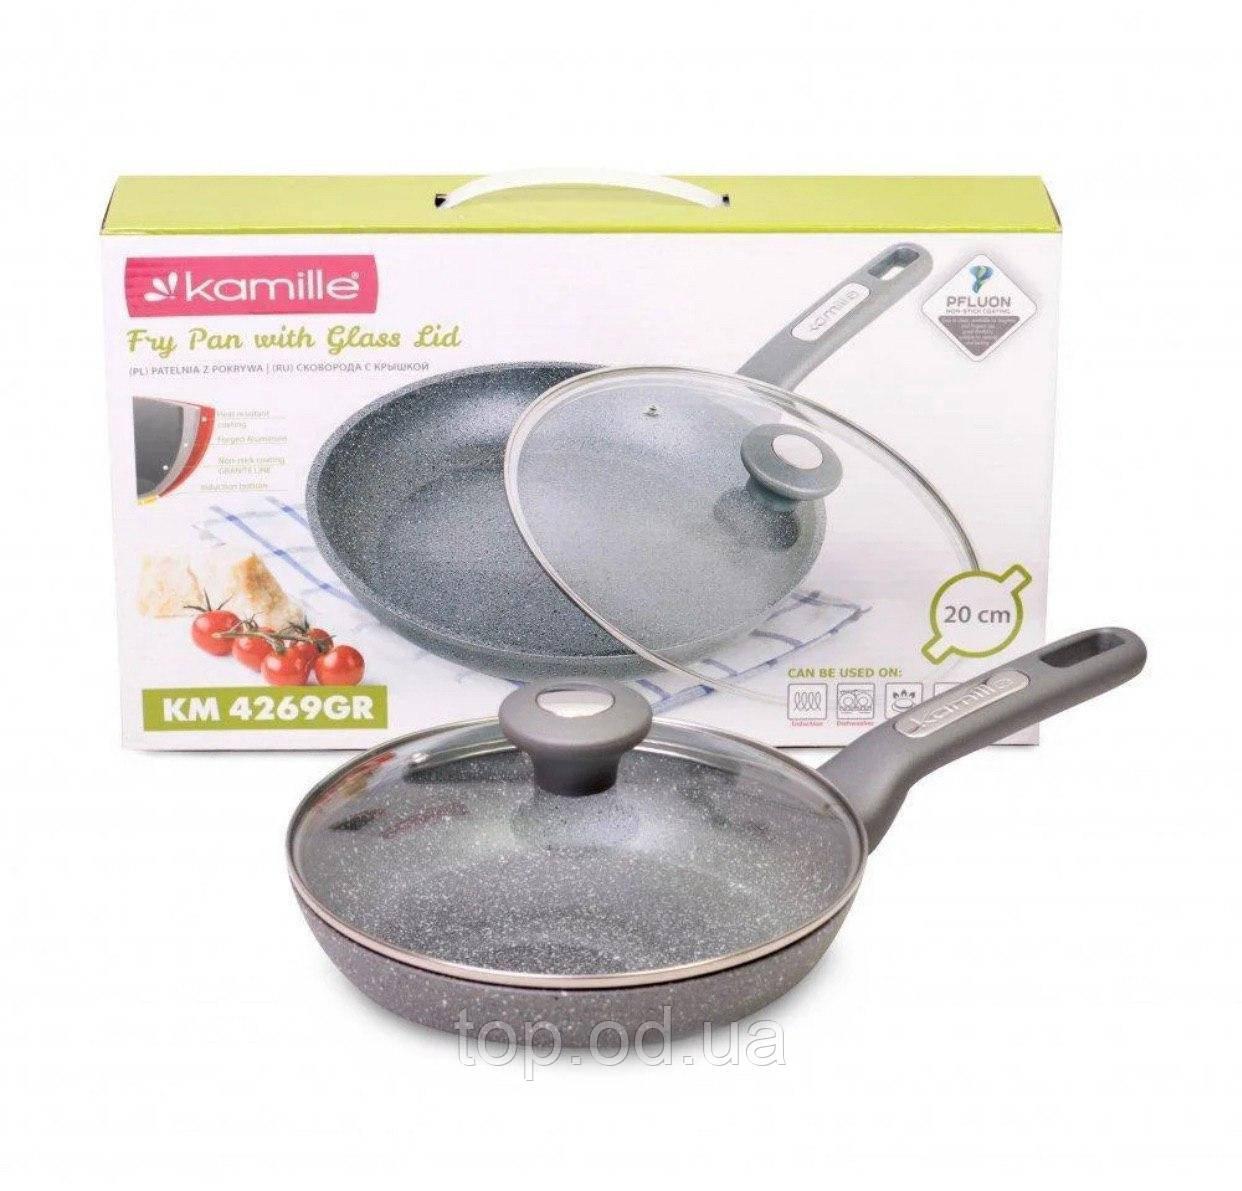 Сковорода покриття граніт 20 см Kamille 4269GR